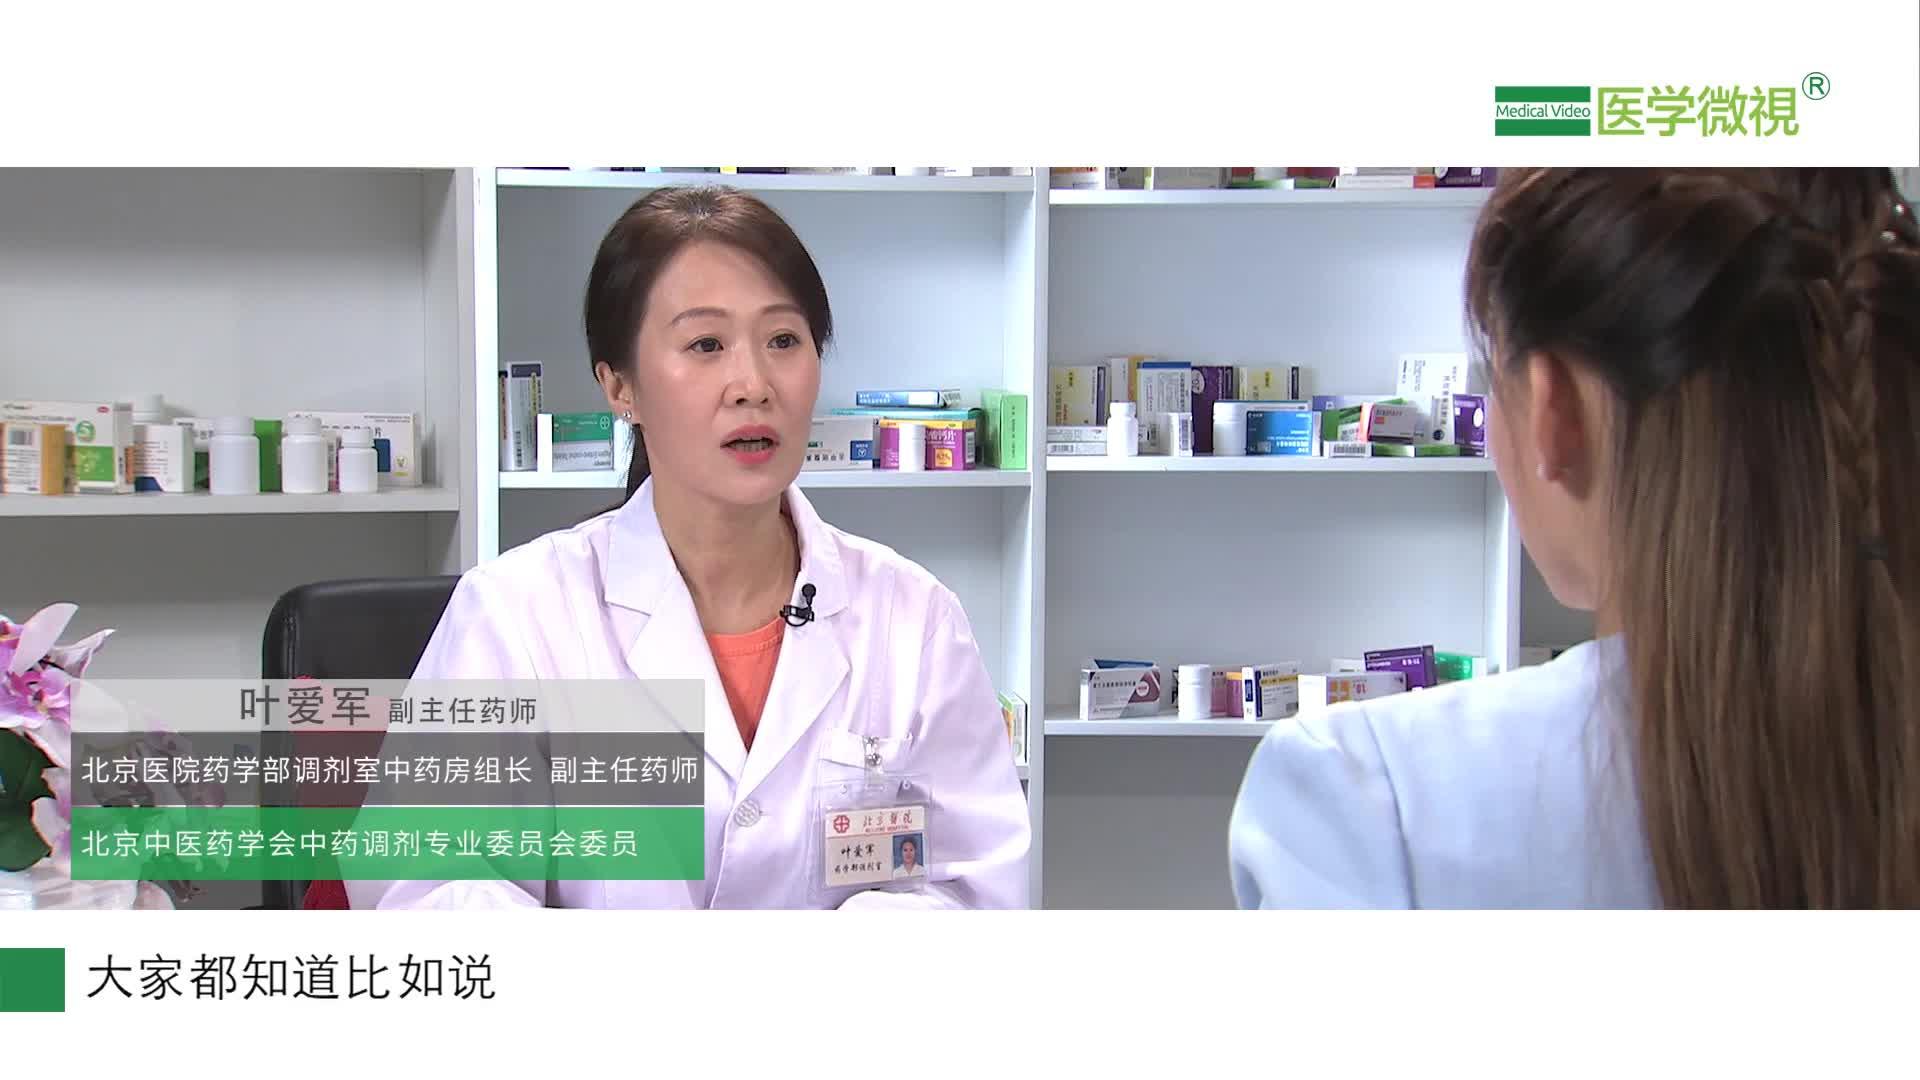 """中医说的""""肺热咳嗽""""是怎么回事?通宣理肺丸肺阳虚能吃吗?"""